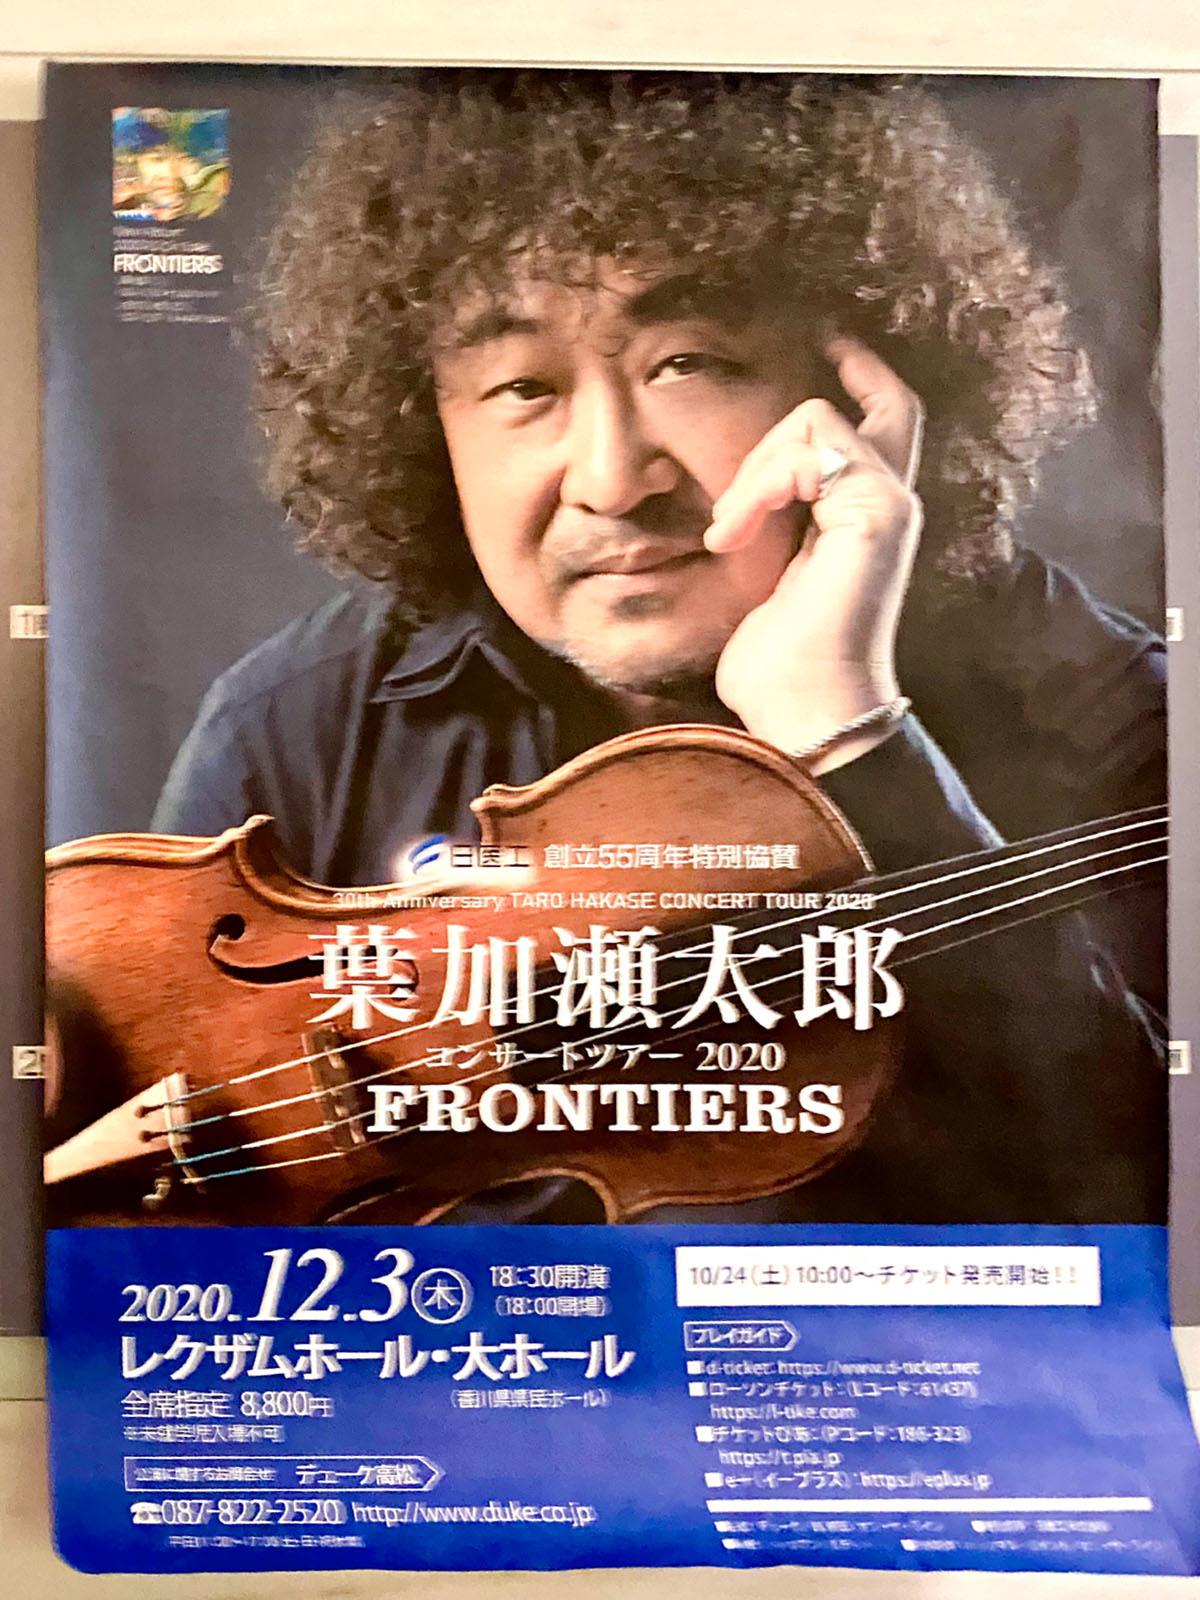 葉加瀬太郎 コンサートツアー 2020 FRONTIERS ポスター